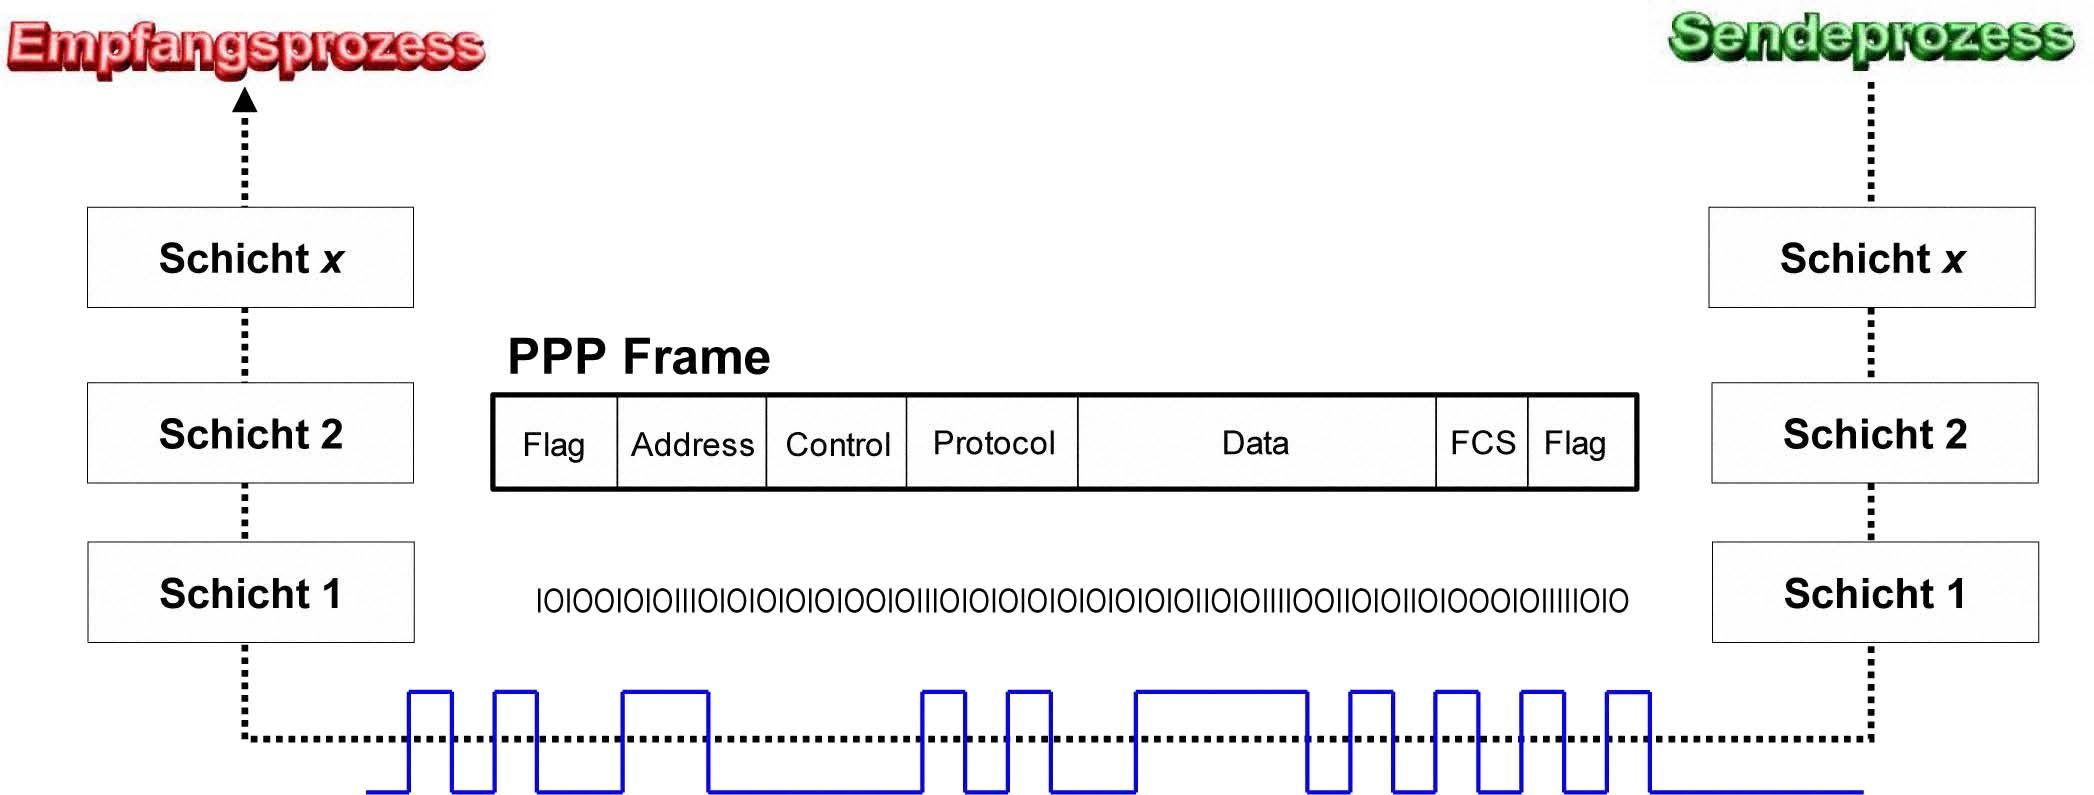 1.1.21. Data-Link-Framing